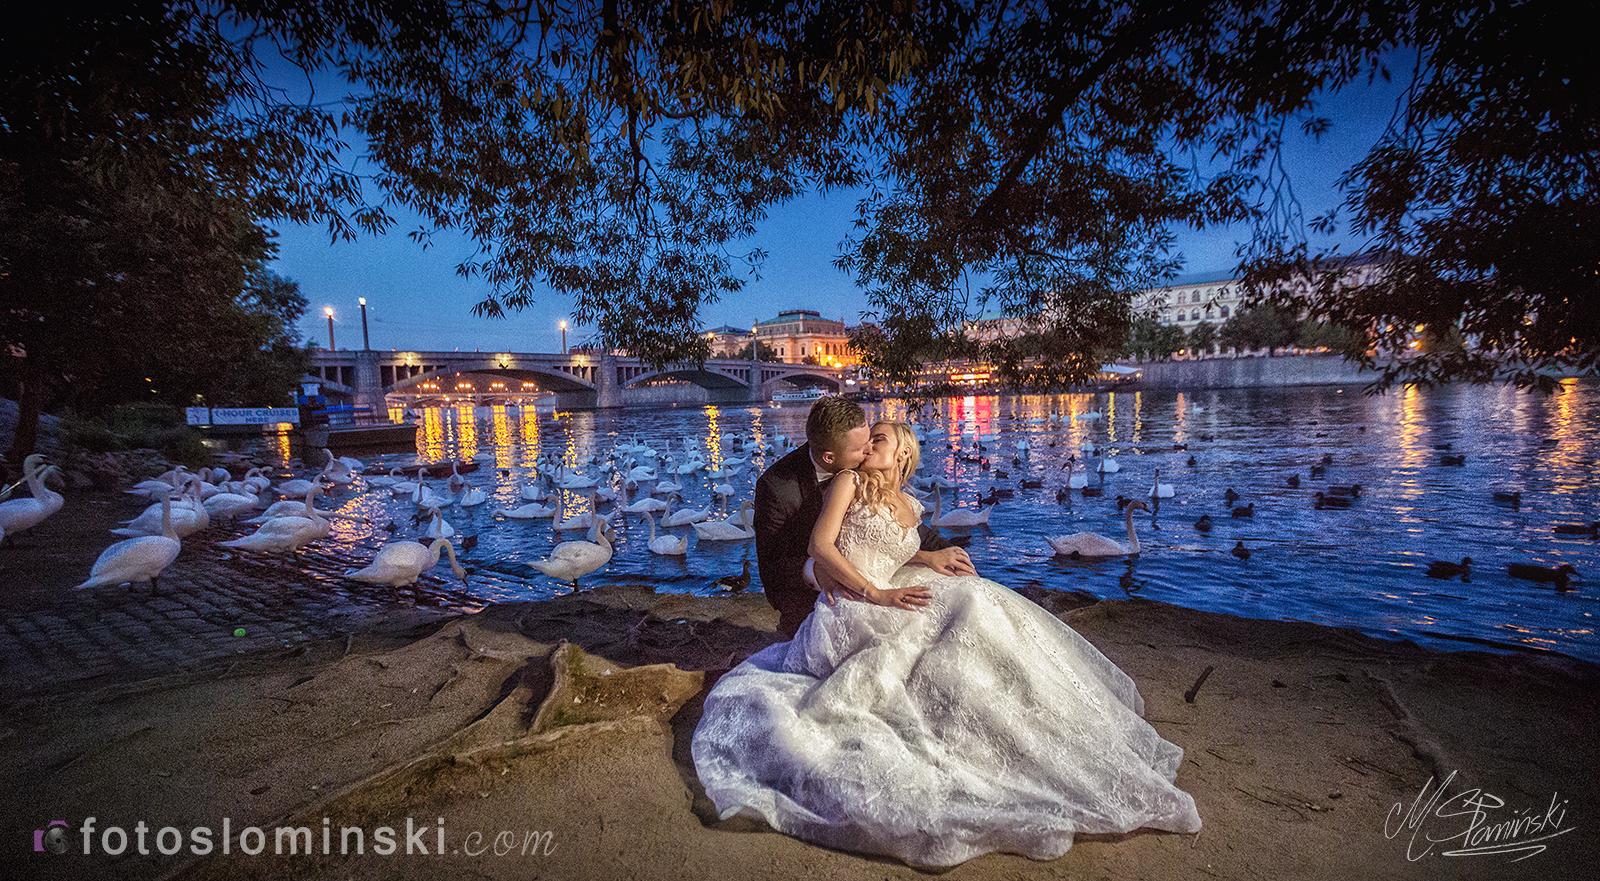 Piękne zdjęcia #ślubne - Sesja plenerowa w Pradze - Fotoslominski.Com